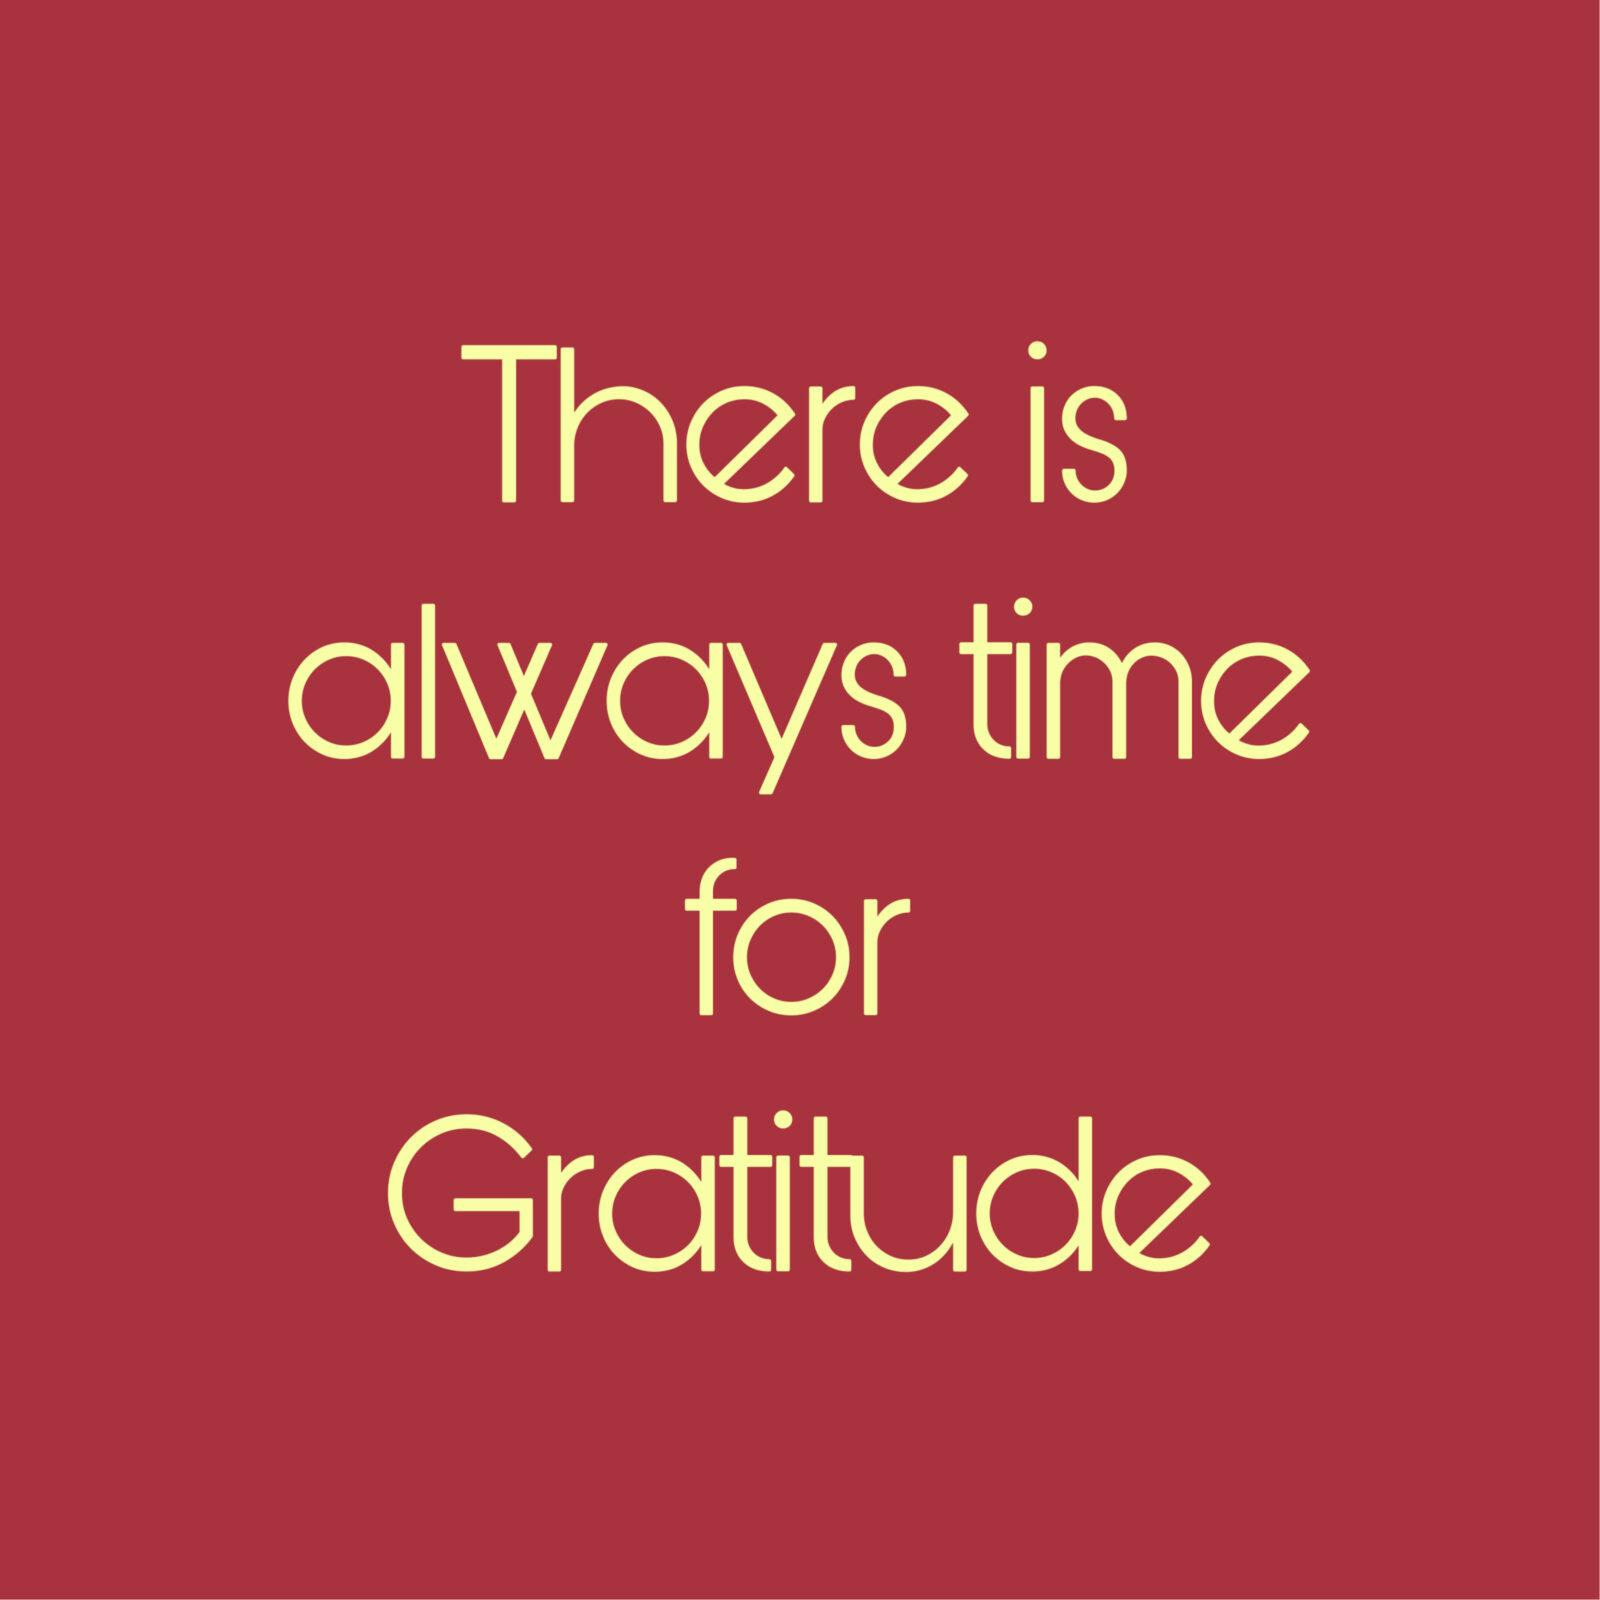 Attitude of Gratitude all year